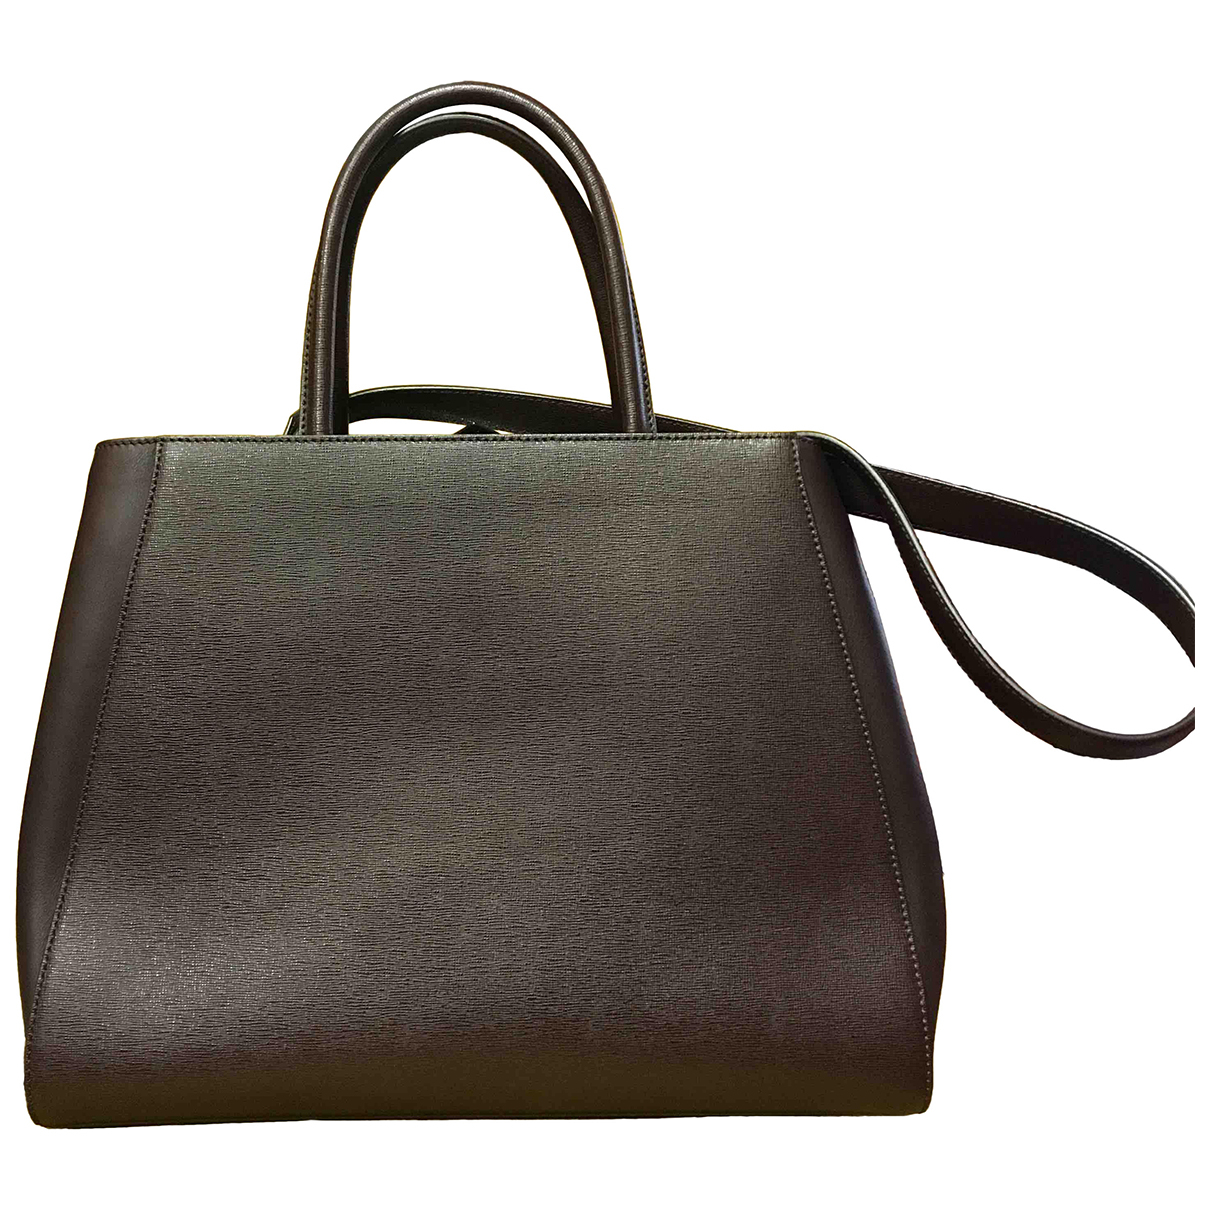 Fendi 2Jours Handtasche in  Braun Leder